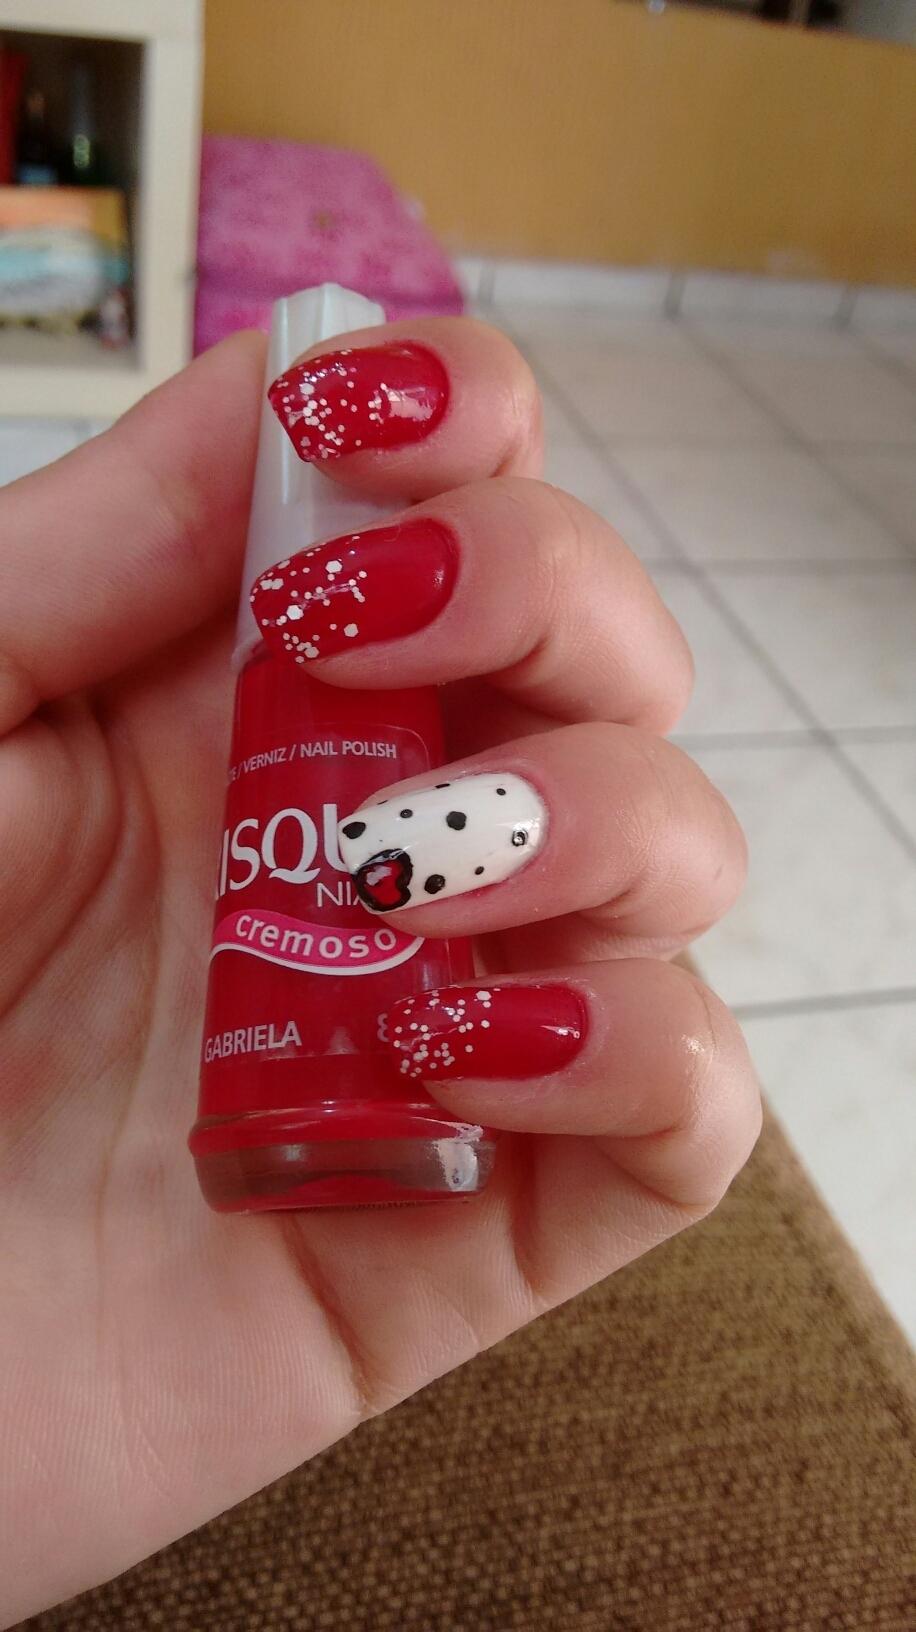 vermelho cremoso, gabriela unhas  manicure e pedicure